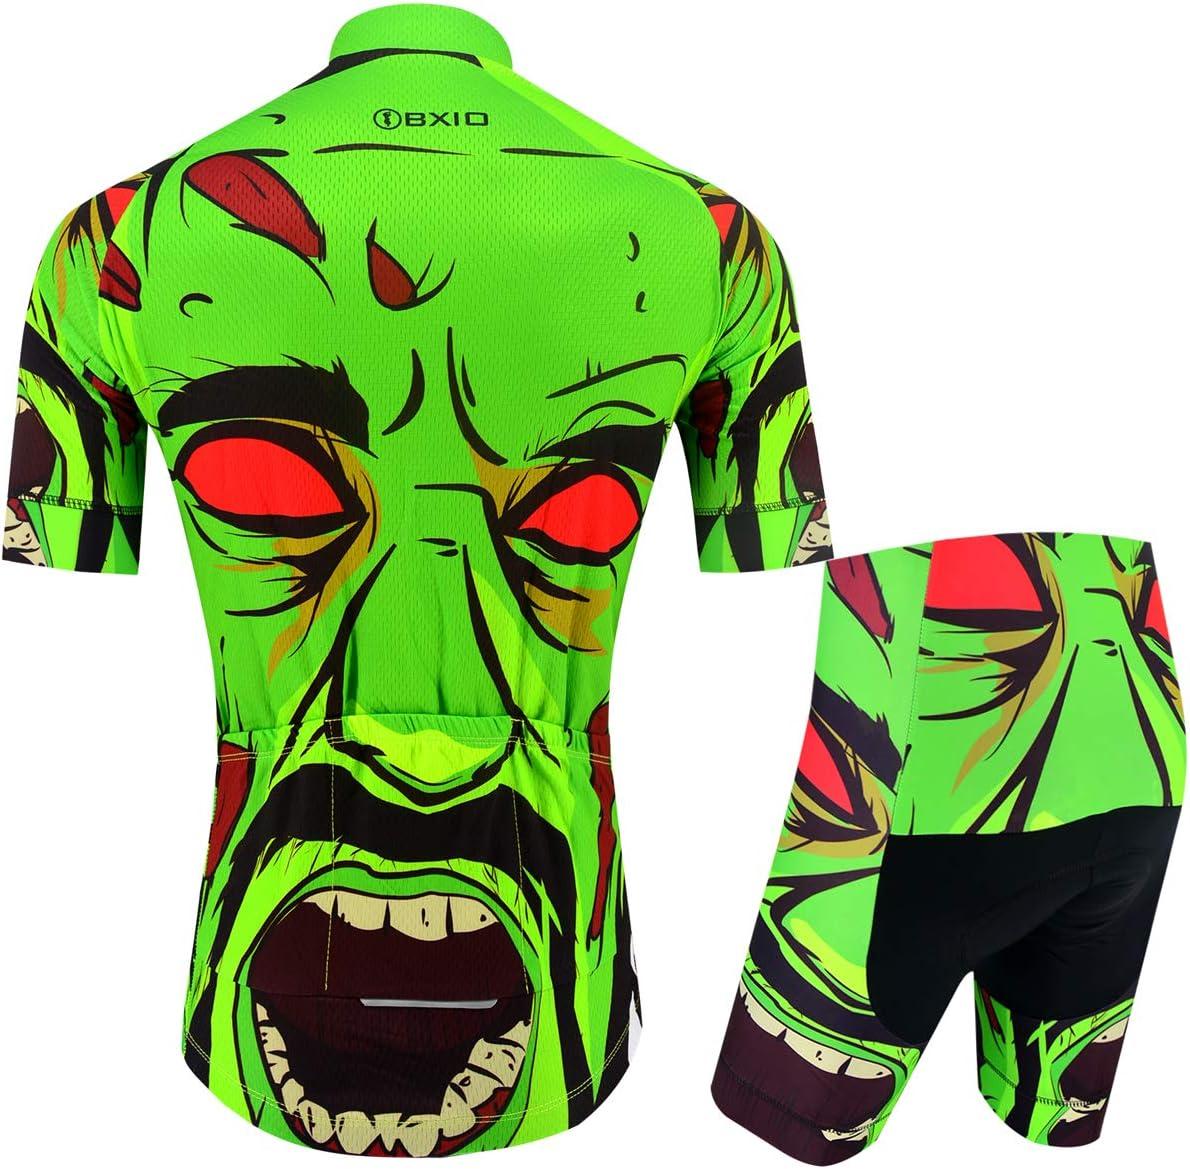 BXIO Camisetas de Ciclismo para Hombre Fluo Green Mangas Cortas y Pantalones Cortos Acolchados con Gel Trajes de Ciclismo Transpirables Ropa Ciclismo 204